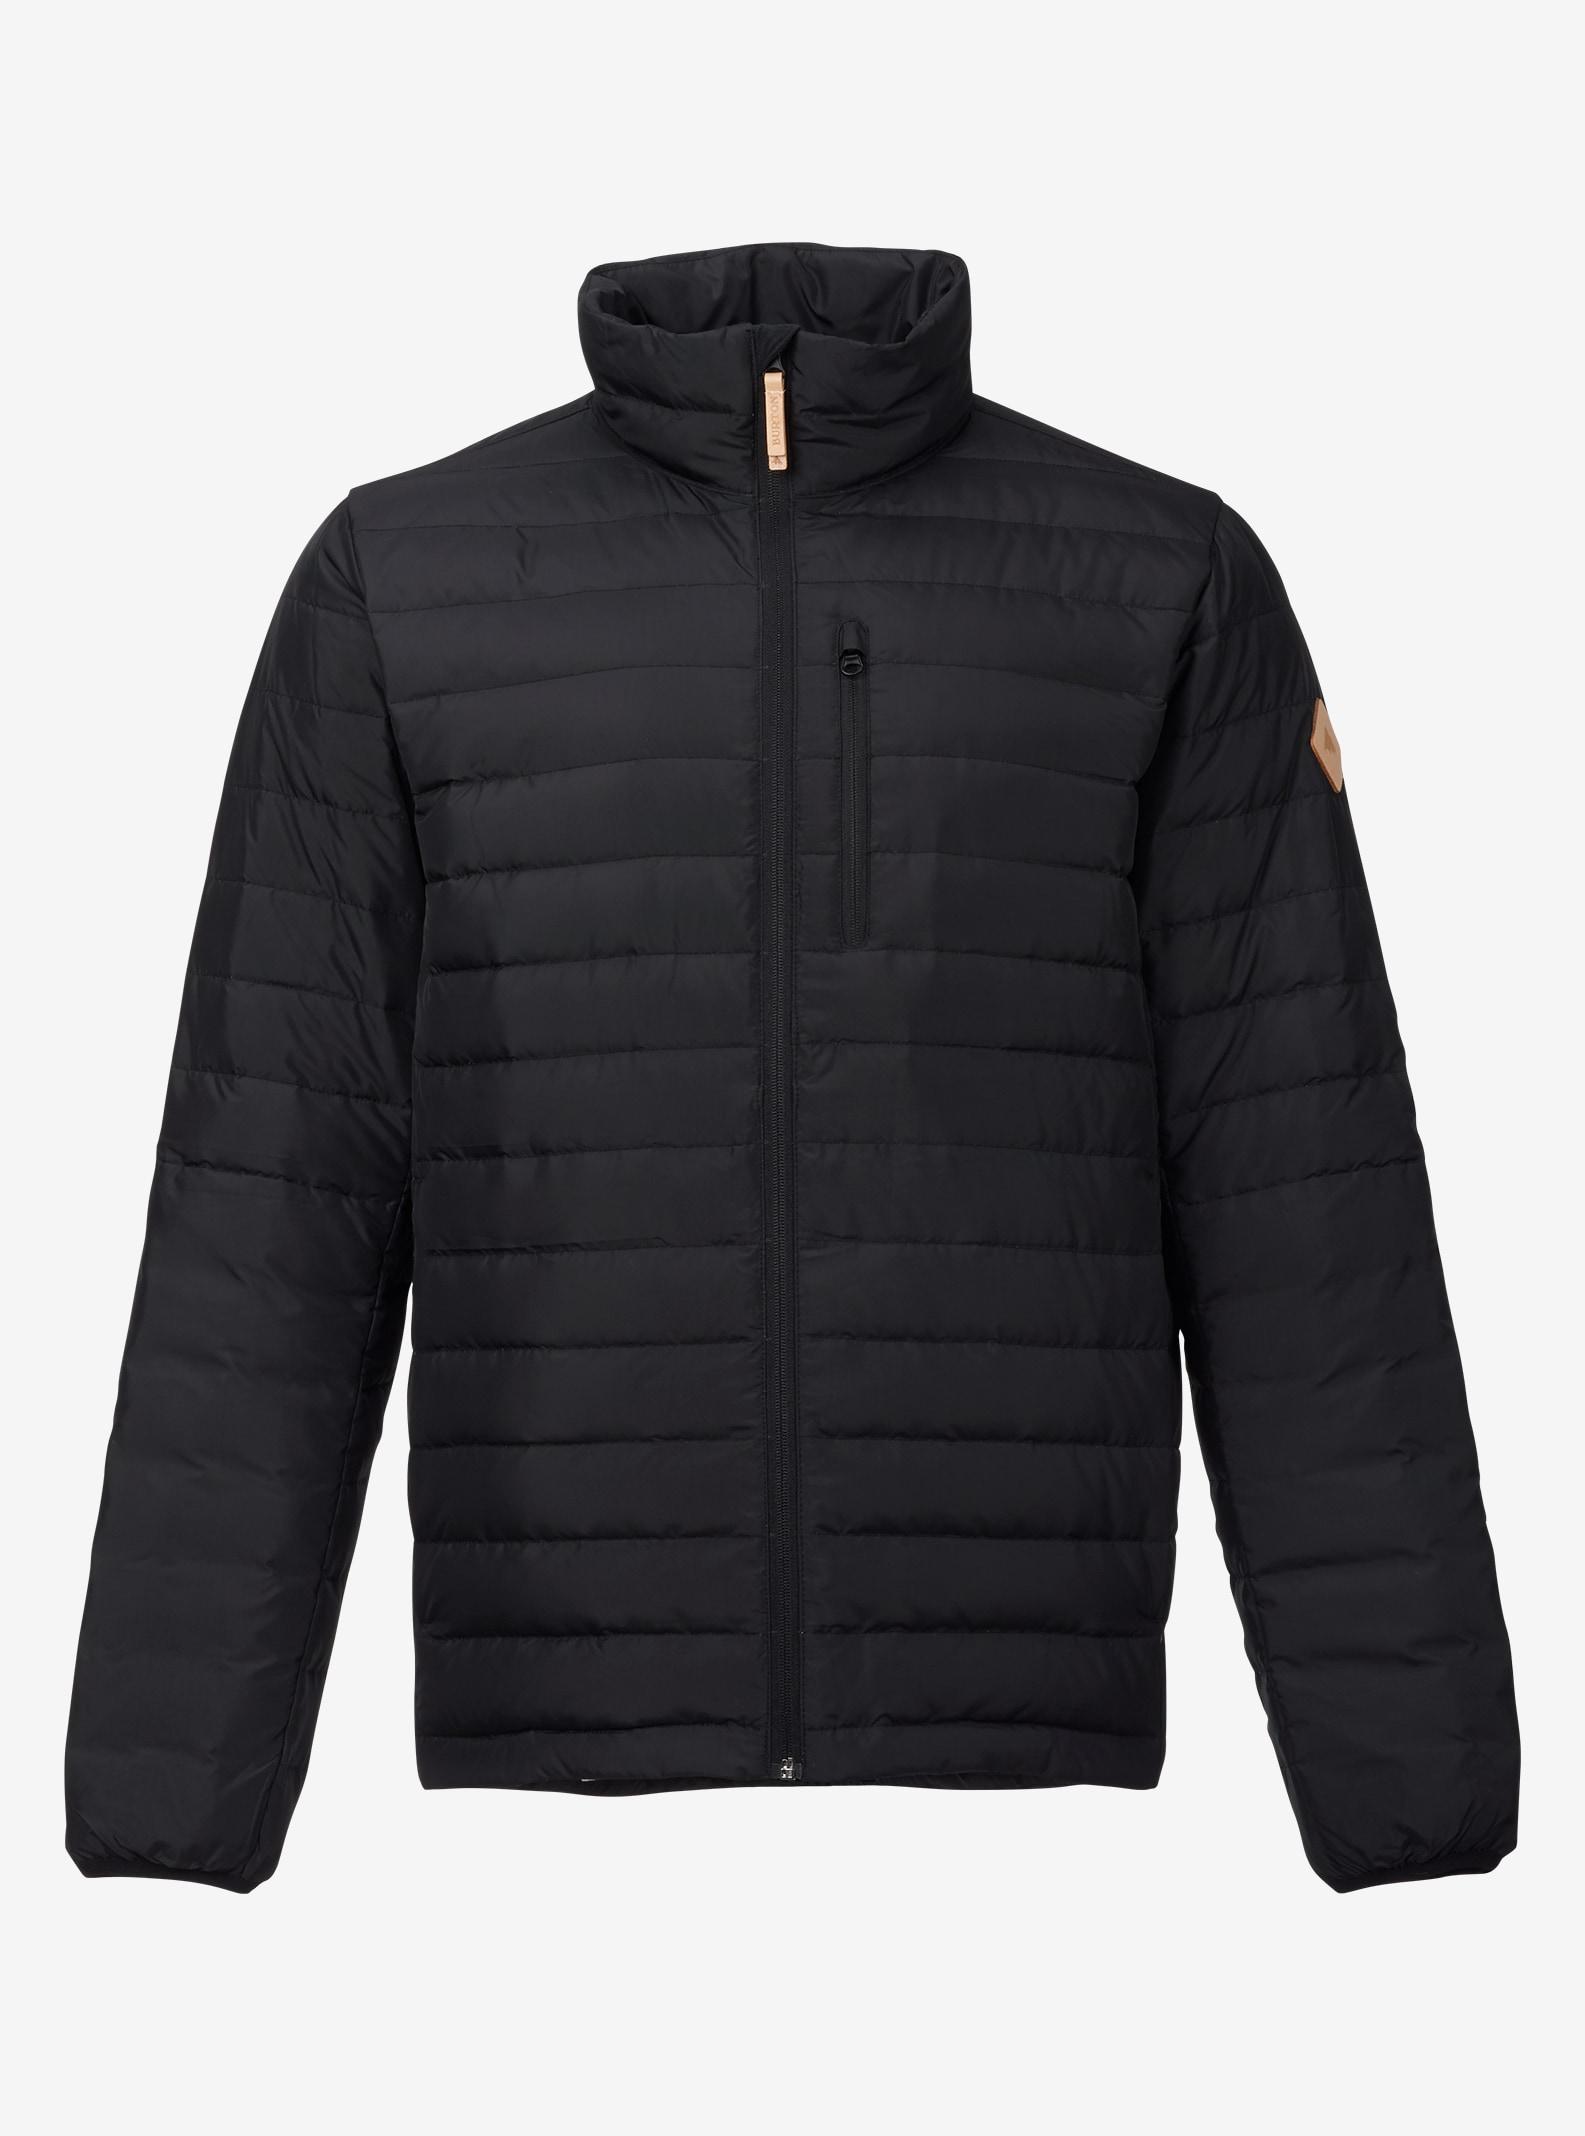 Burton Evergreen Lightweight Insulator Jacket shown in True Black